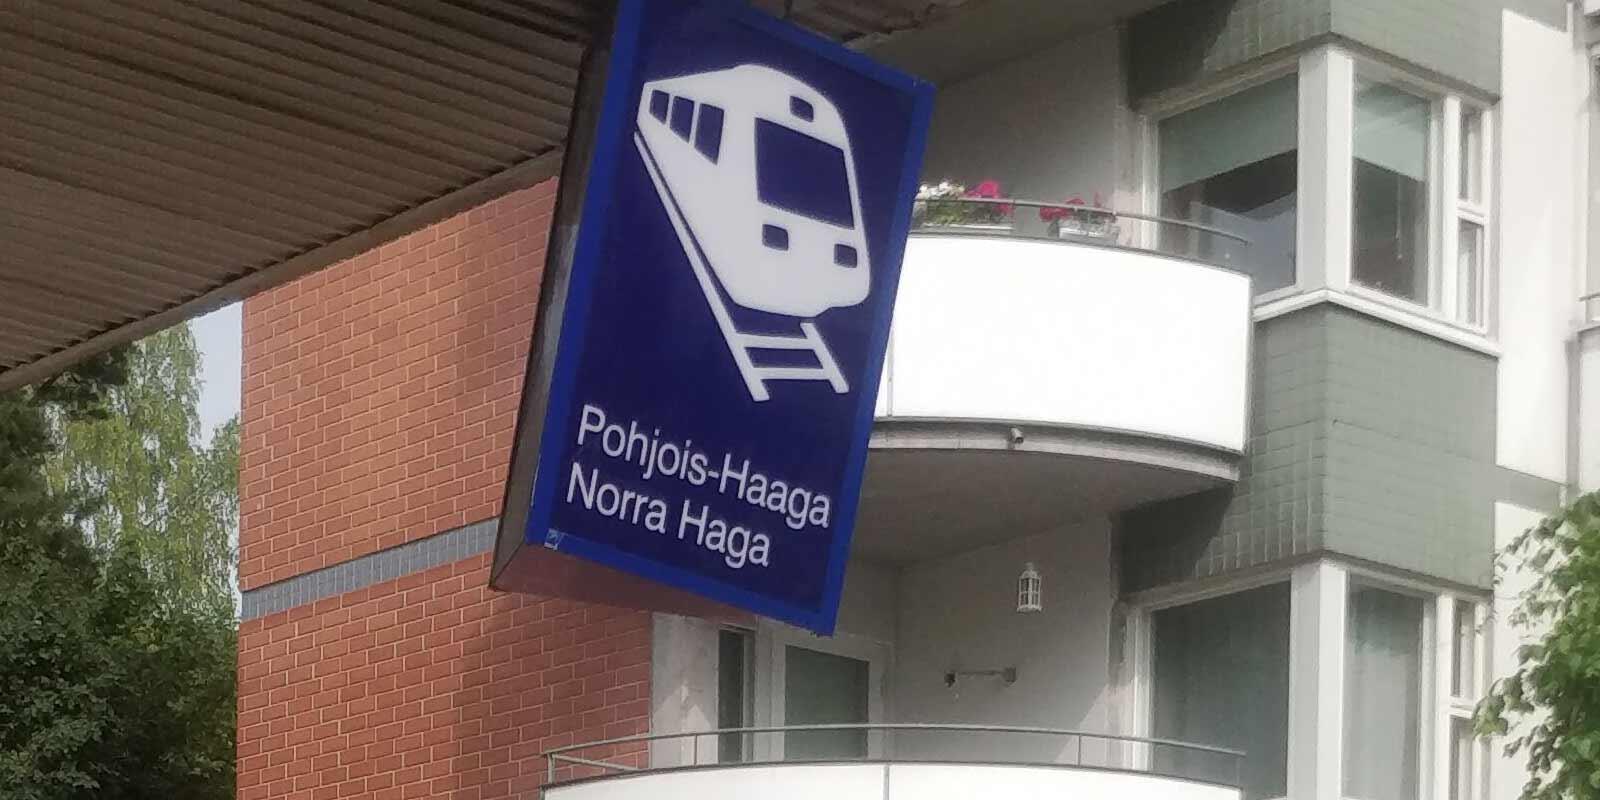 Pohjois-Haaga sai uudet maatiilet